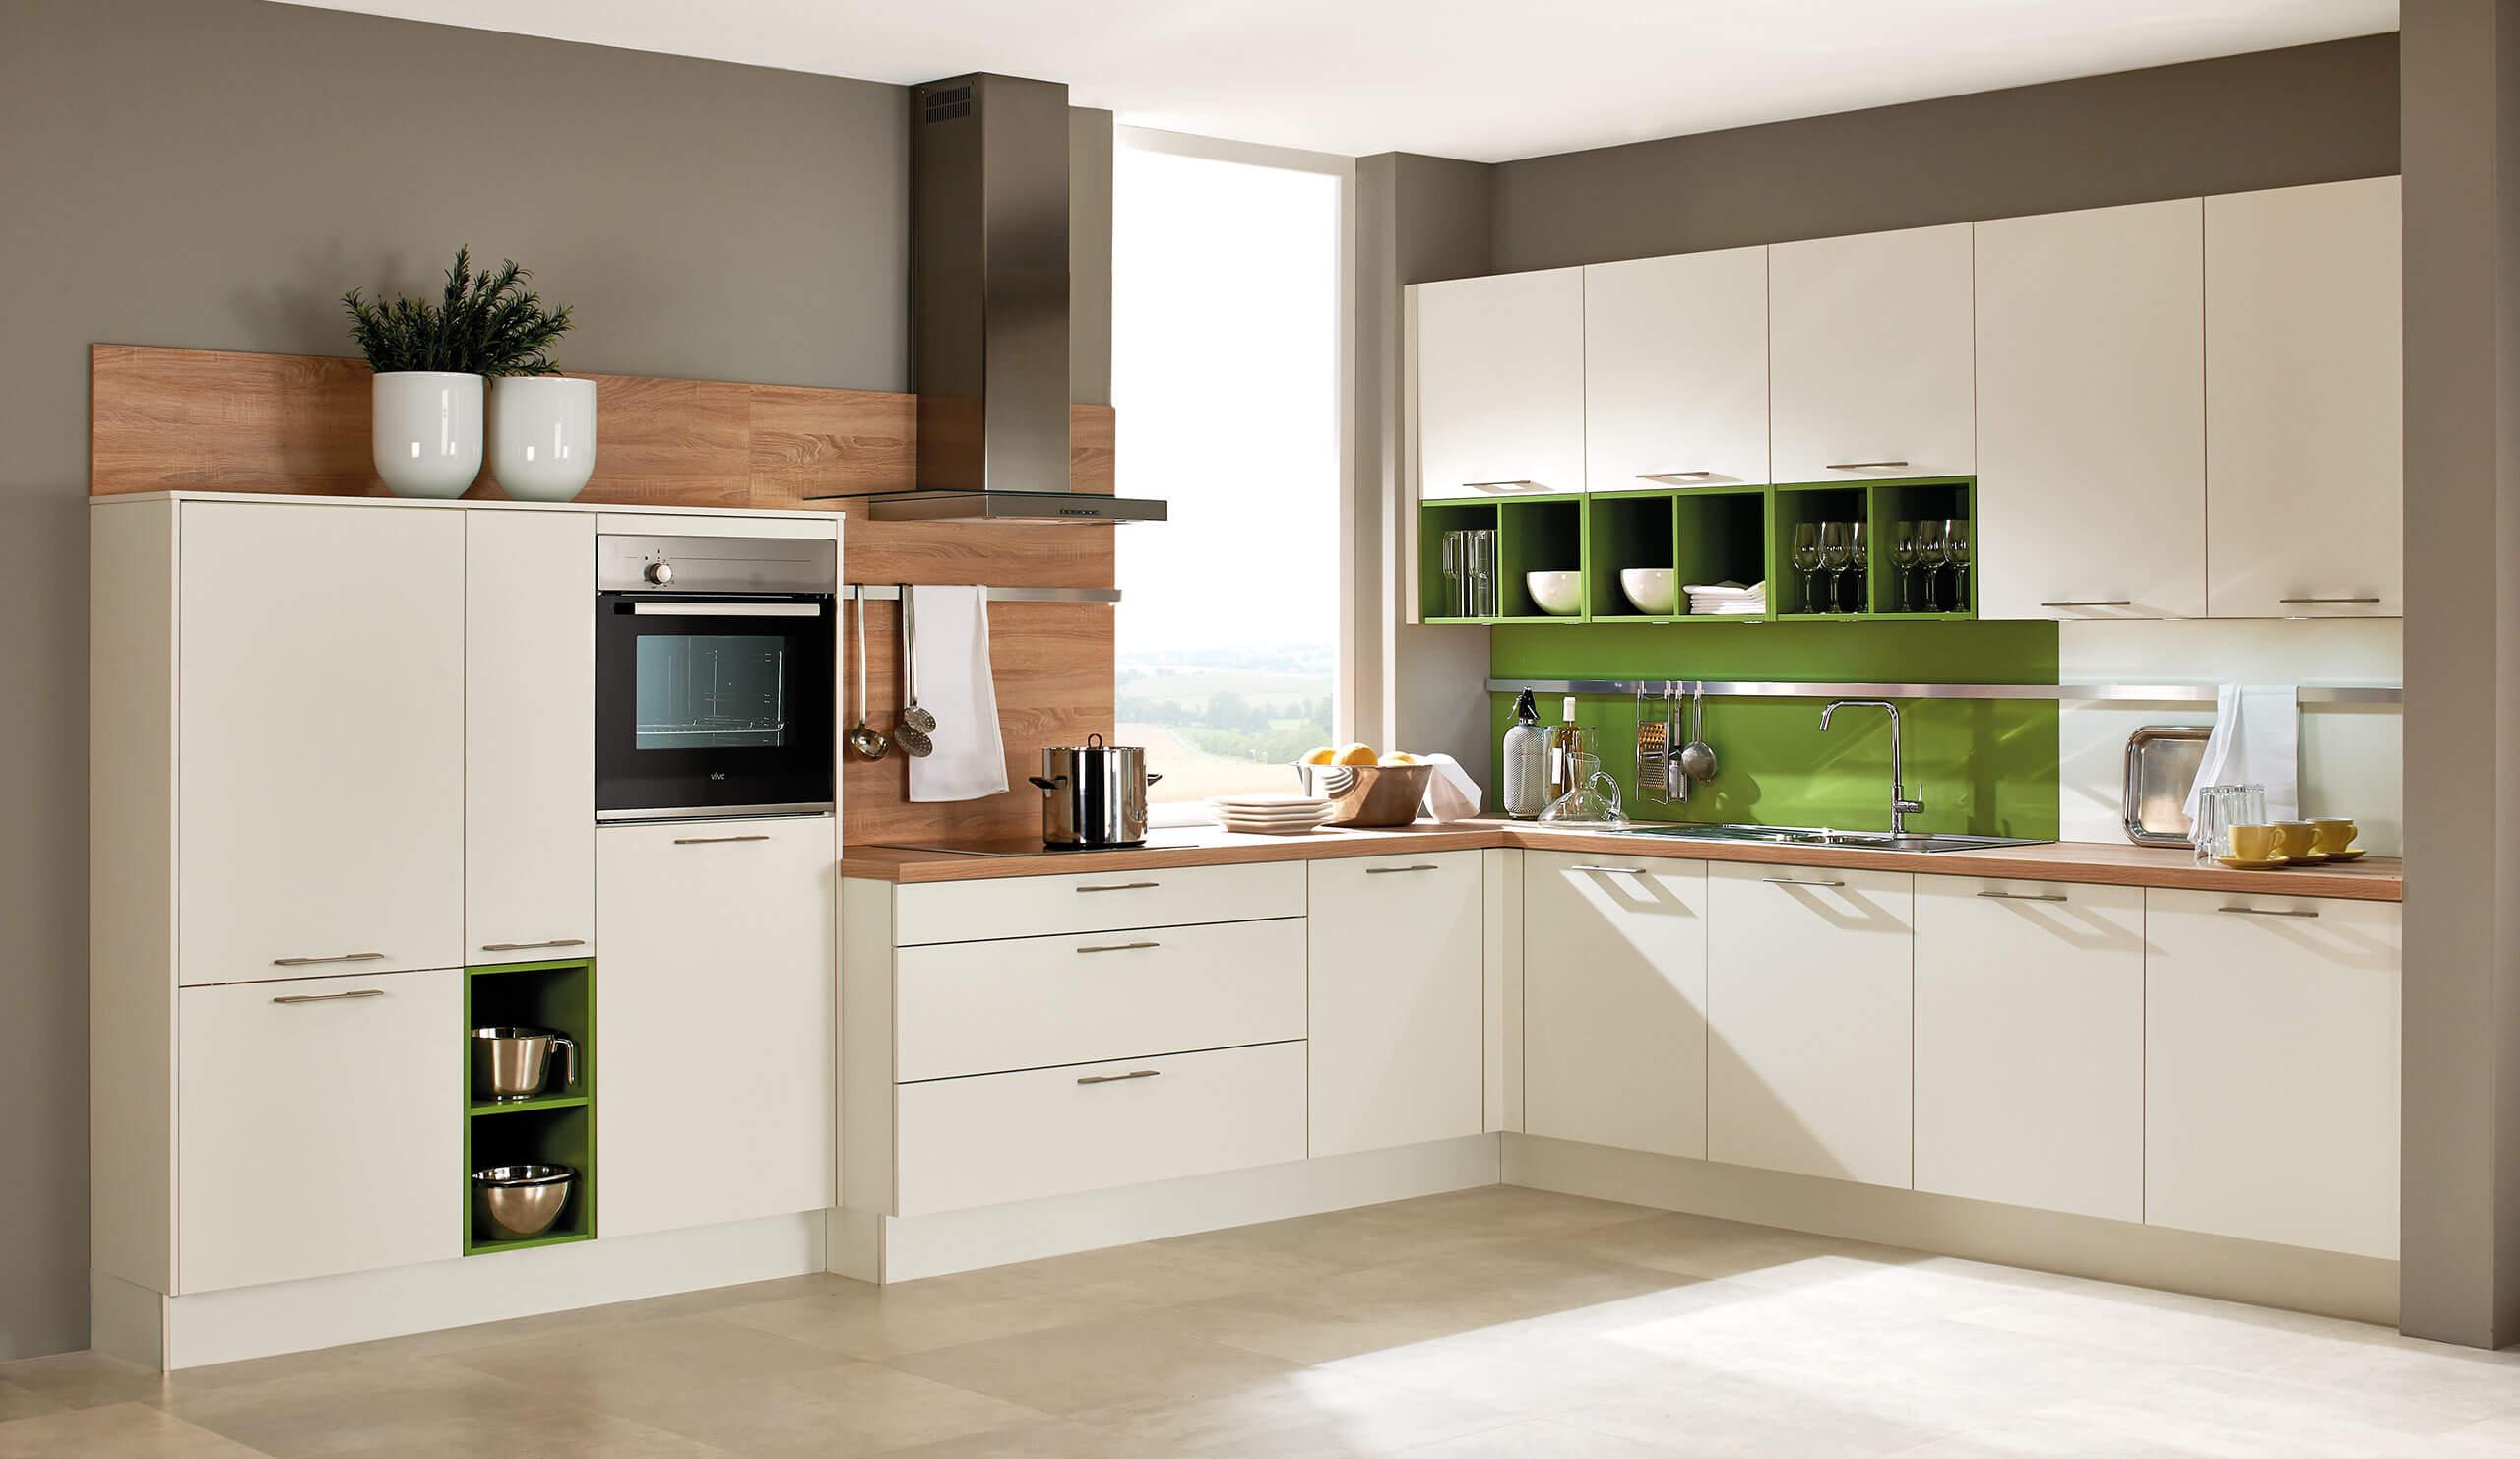 Full Size of Küchen Quelle Moderne Einbaukche Classica 1240 Weiss Kchenquelle Regal Wohnzimmer Küchen Quelle